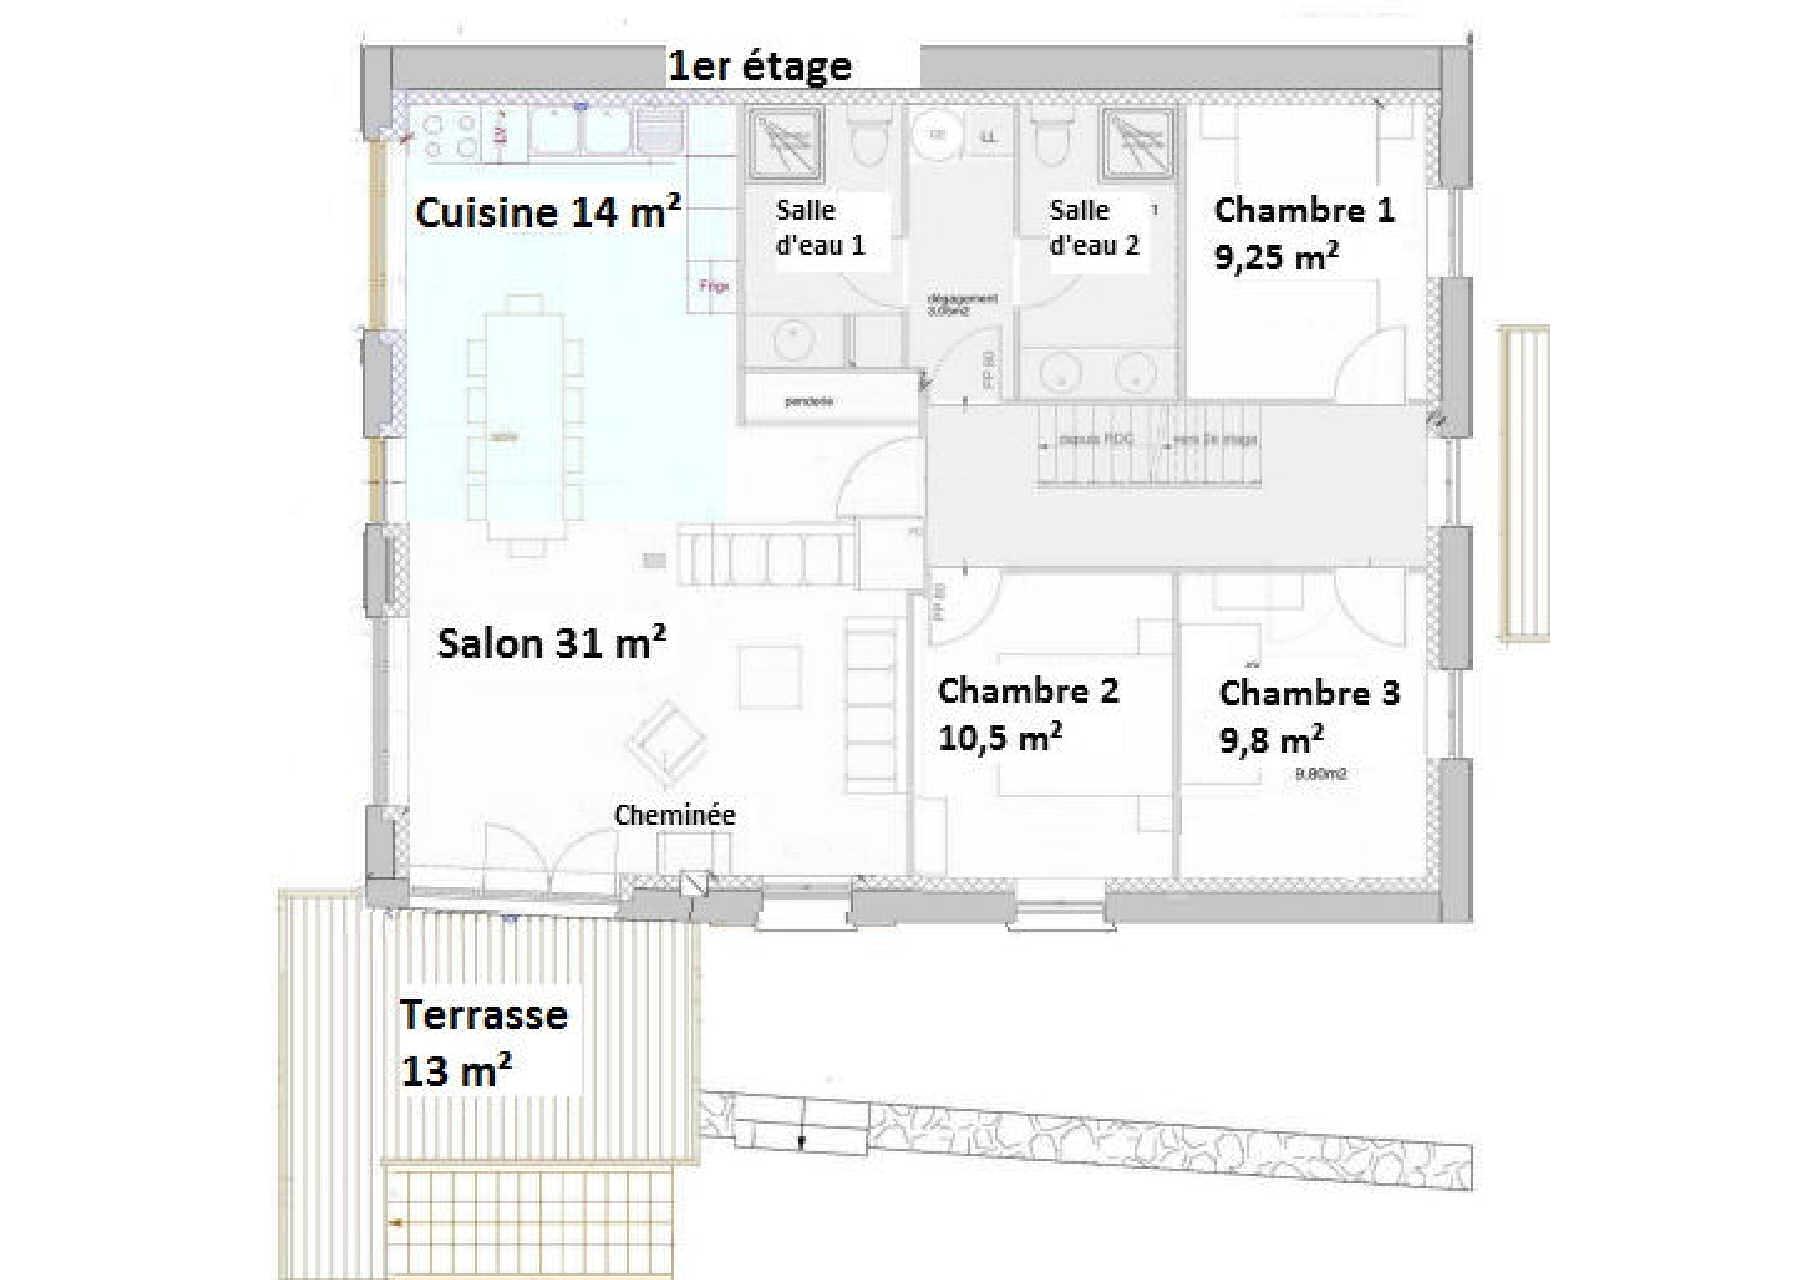 Gîte de Belledonne 1 : plan du premier étage